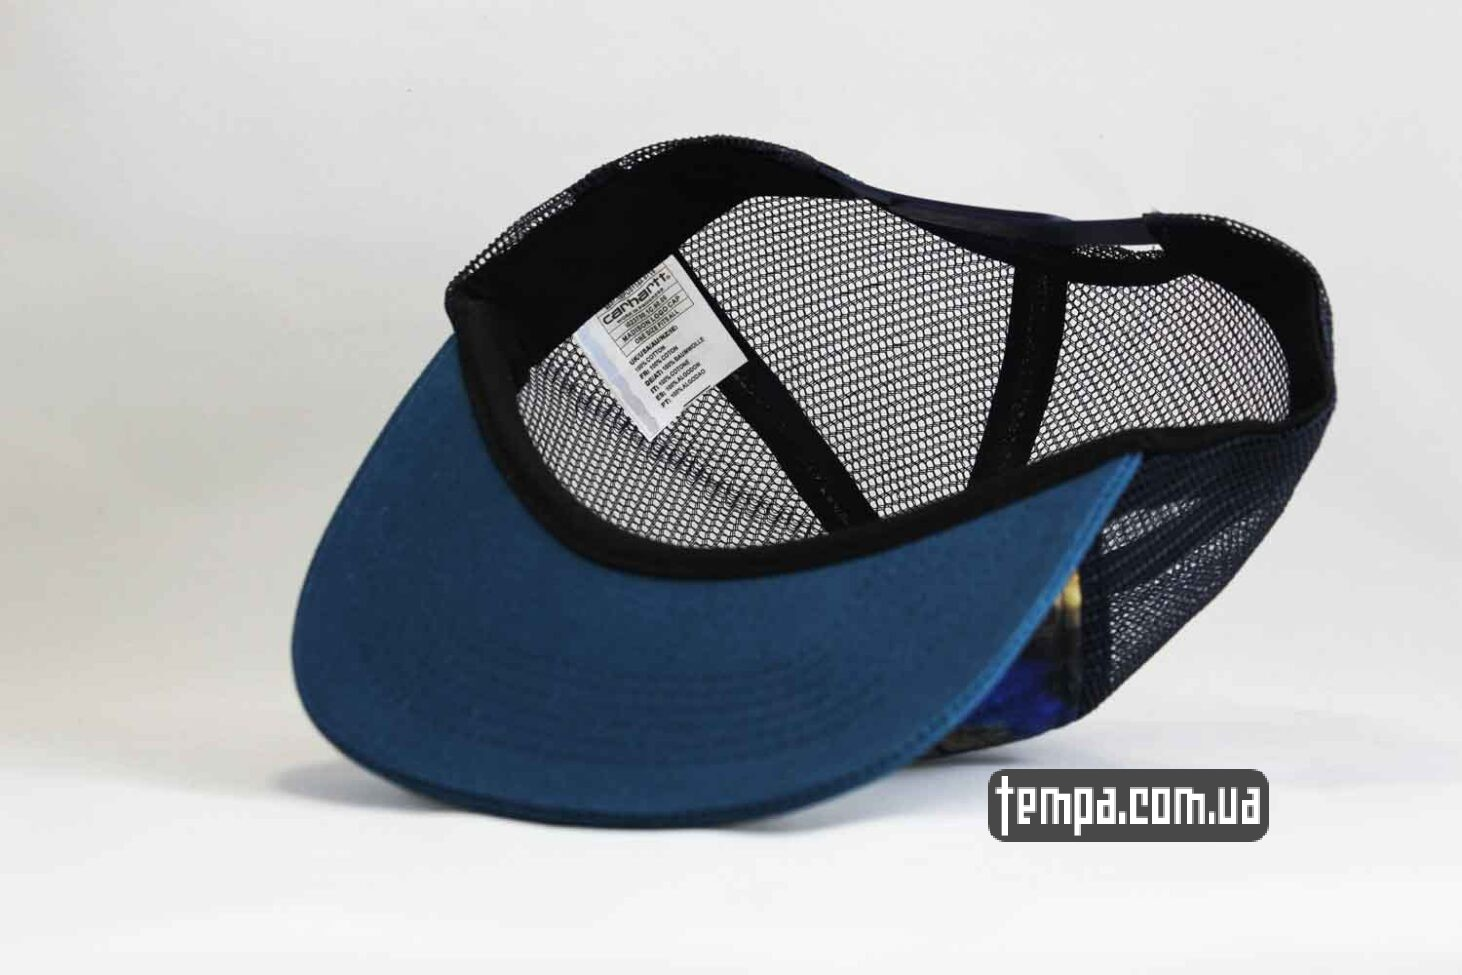 бейсболка Тракер купить украина кепка Trucker Snapback Carhartt ART с сеточкой